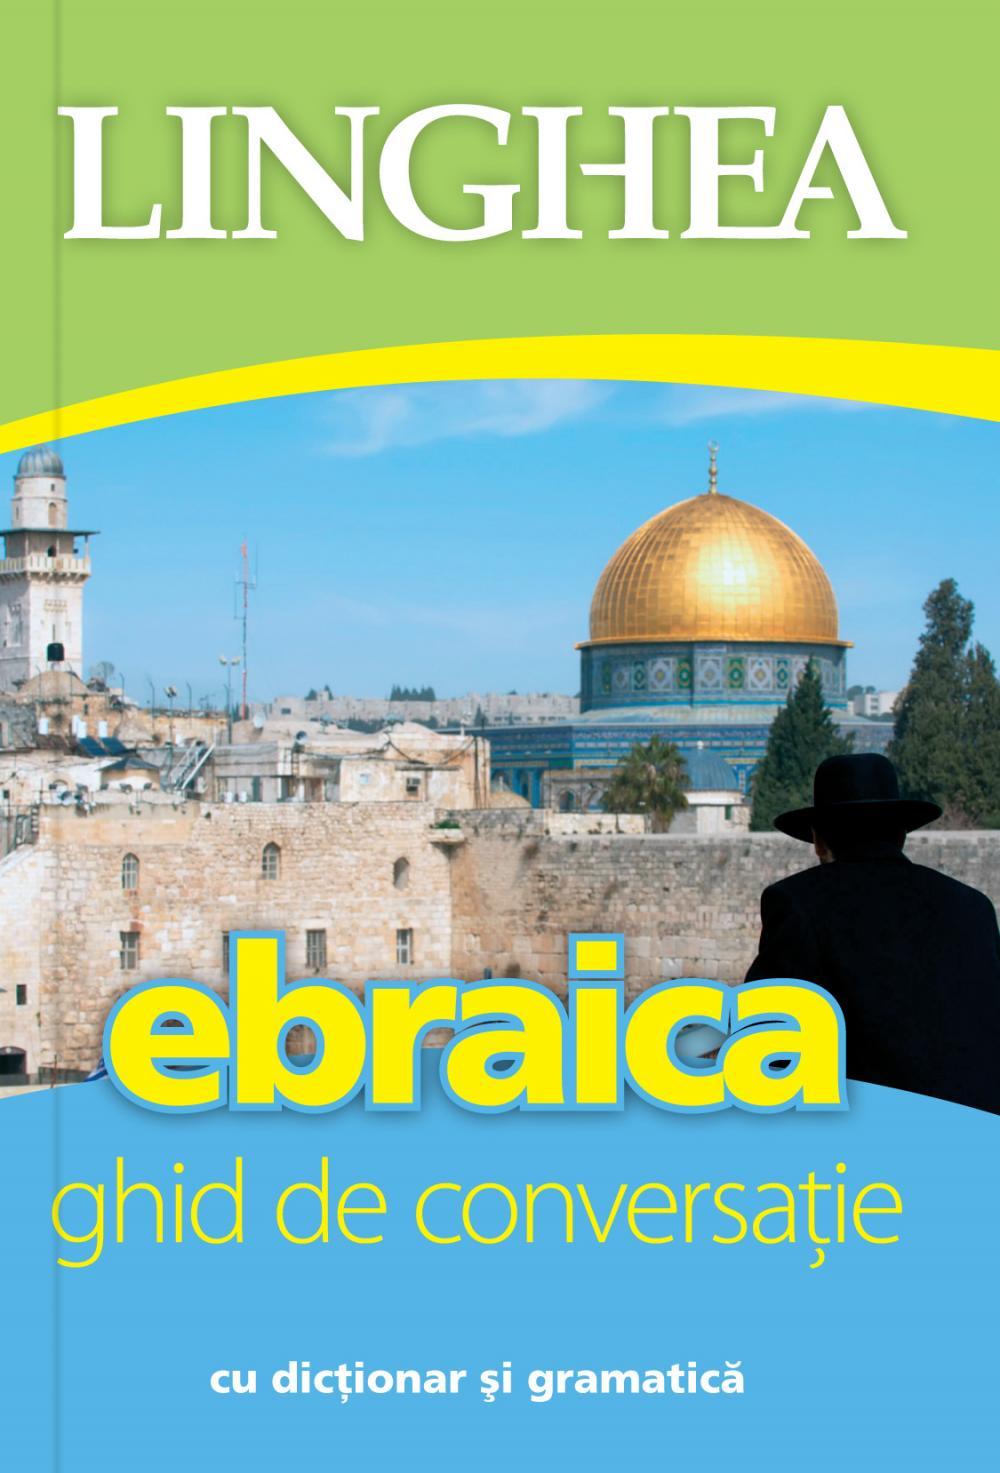 EBRAICA. GHID DE CONVERSATIE